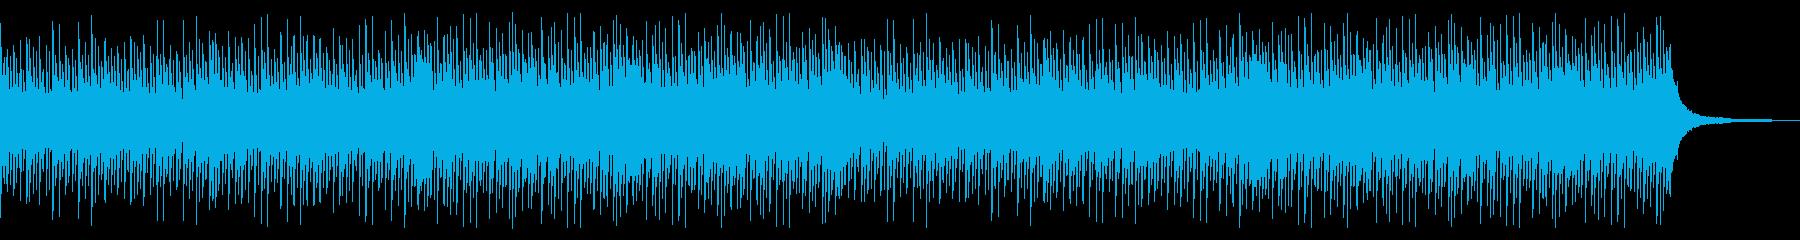 ベースなしver 切ない ピアノ ギターの再生済みの波形